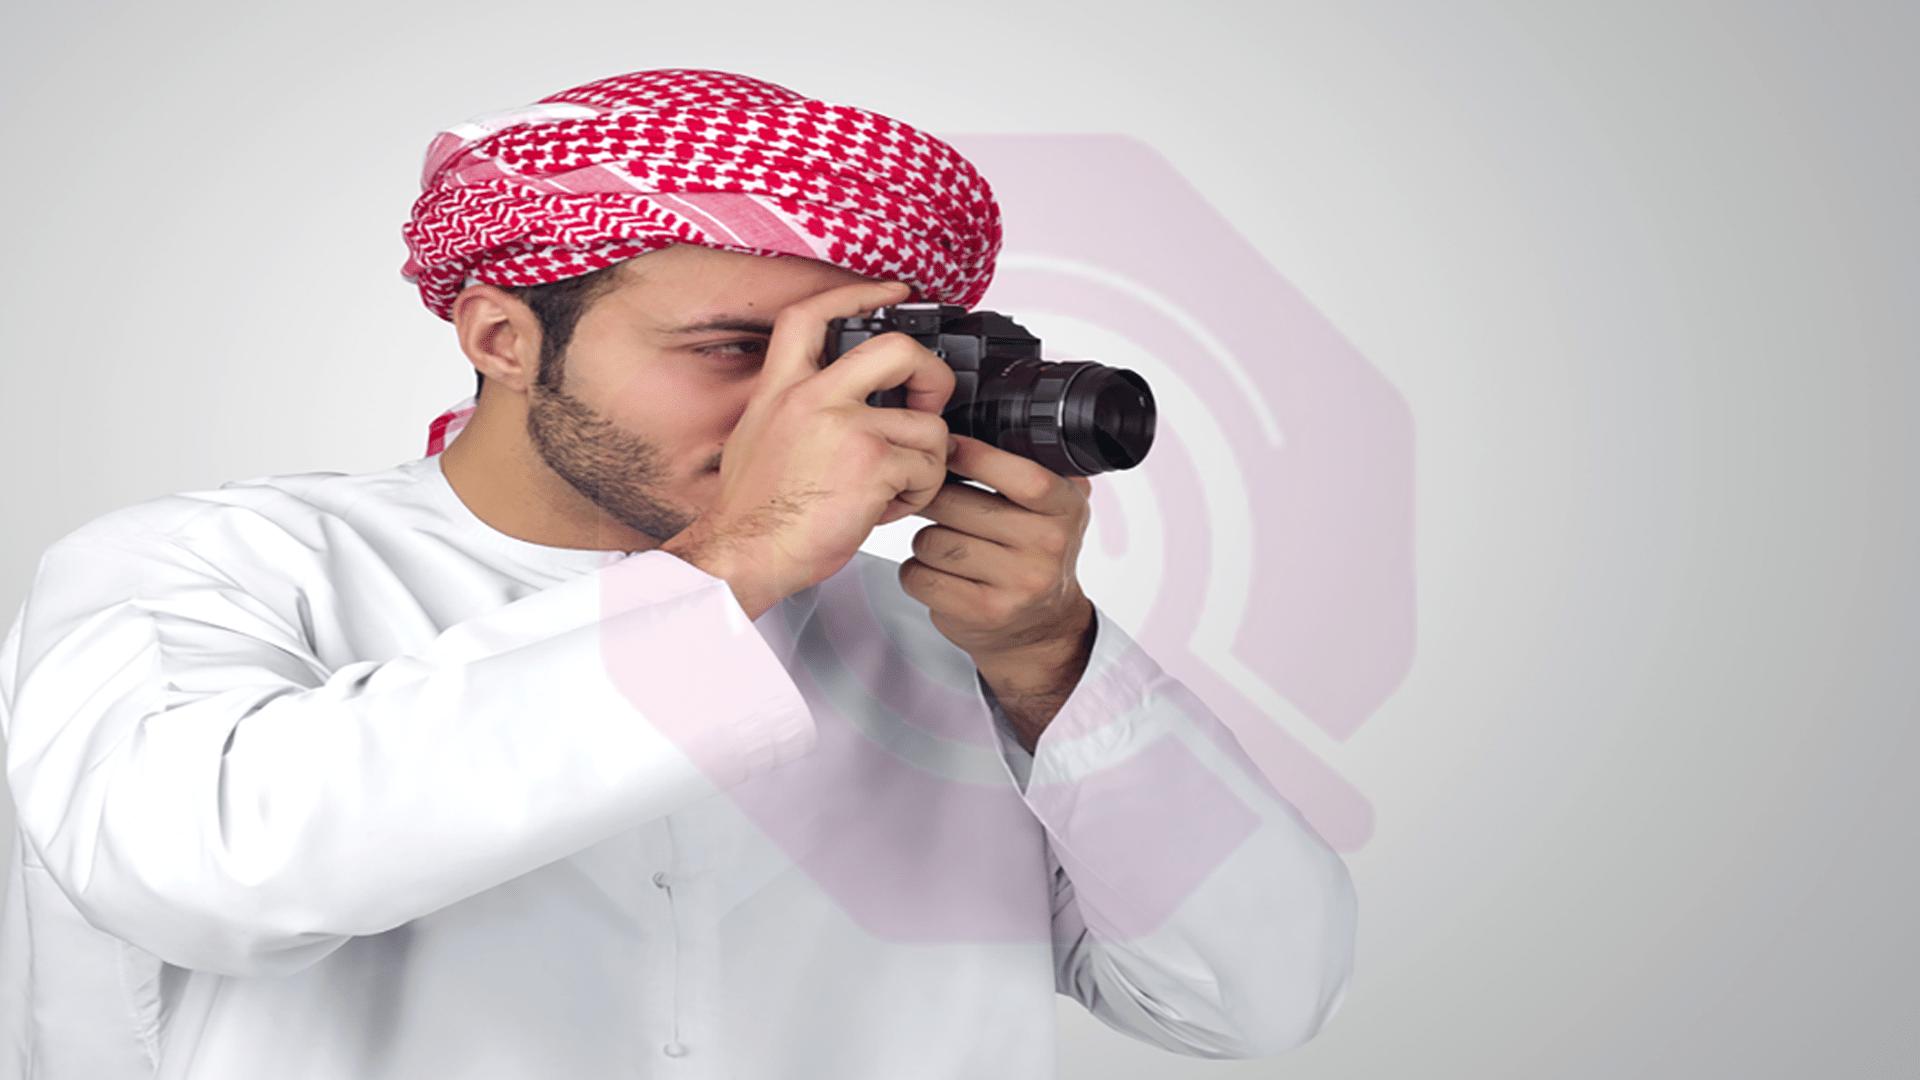 فن التصوير في زيادة التفاعل في انستجرام